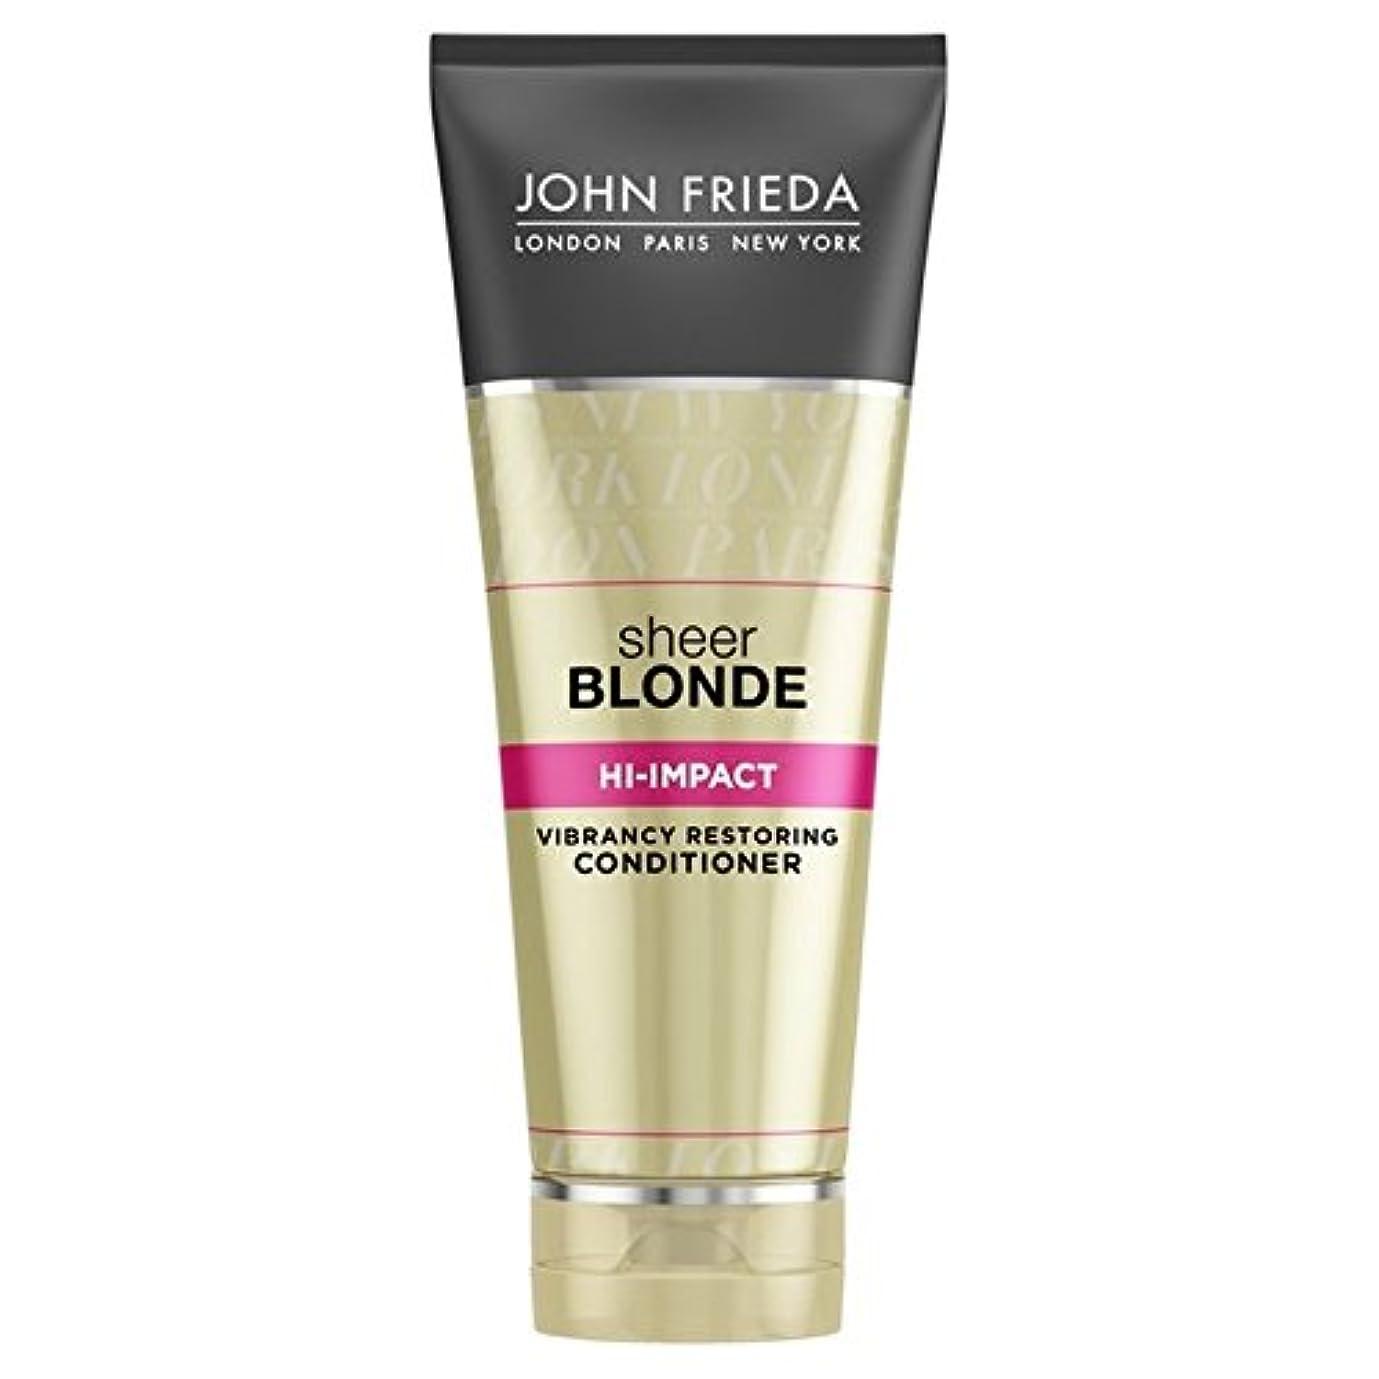 ダイヤモンドウィスキーチェスジョン?フリーダ膨大なブロンドハイインパクトコンディショナー250 x4 - John Frieda Sheer Blonde Hi Impact Conditioner 250ml (Pack of 4) [並行輸入品]